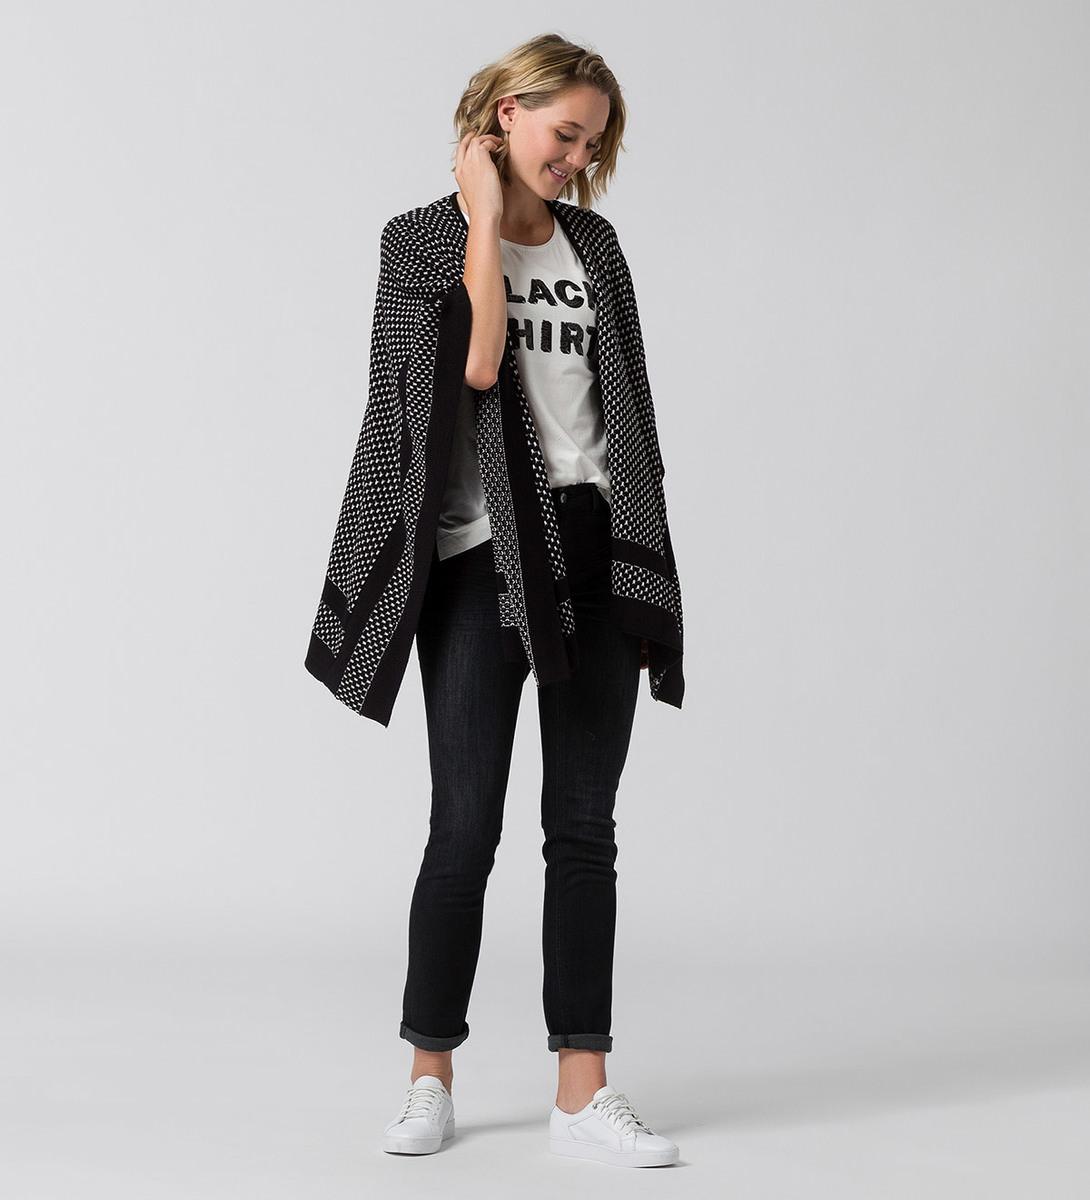 Strickjacke im Oversize-Look in black